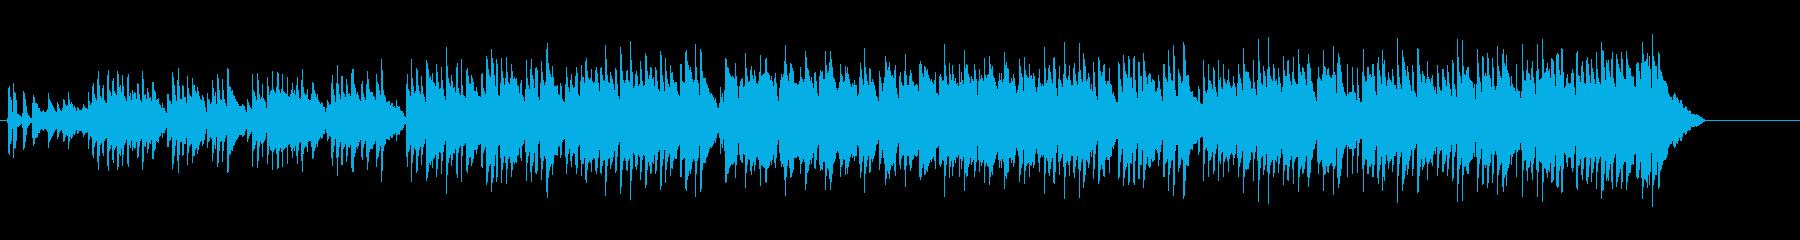 デリケートなアコースティック・ギターの再生済みの波形